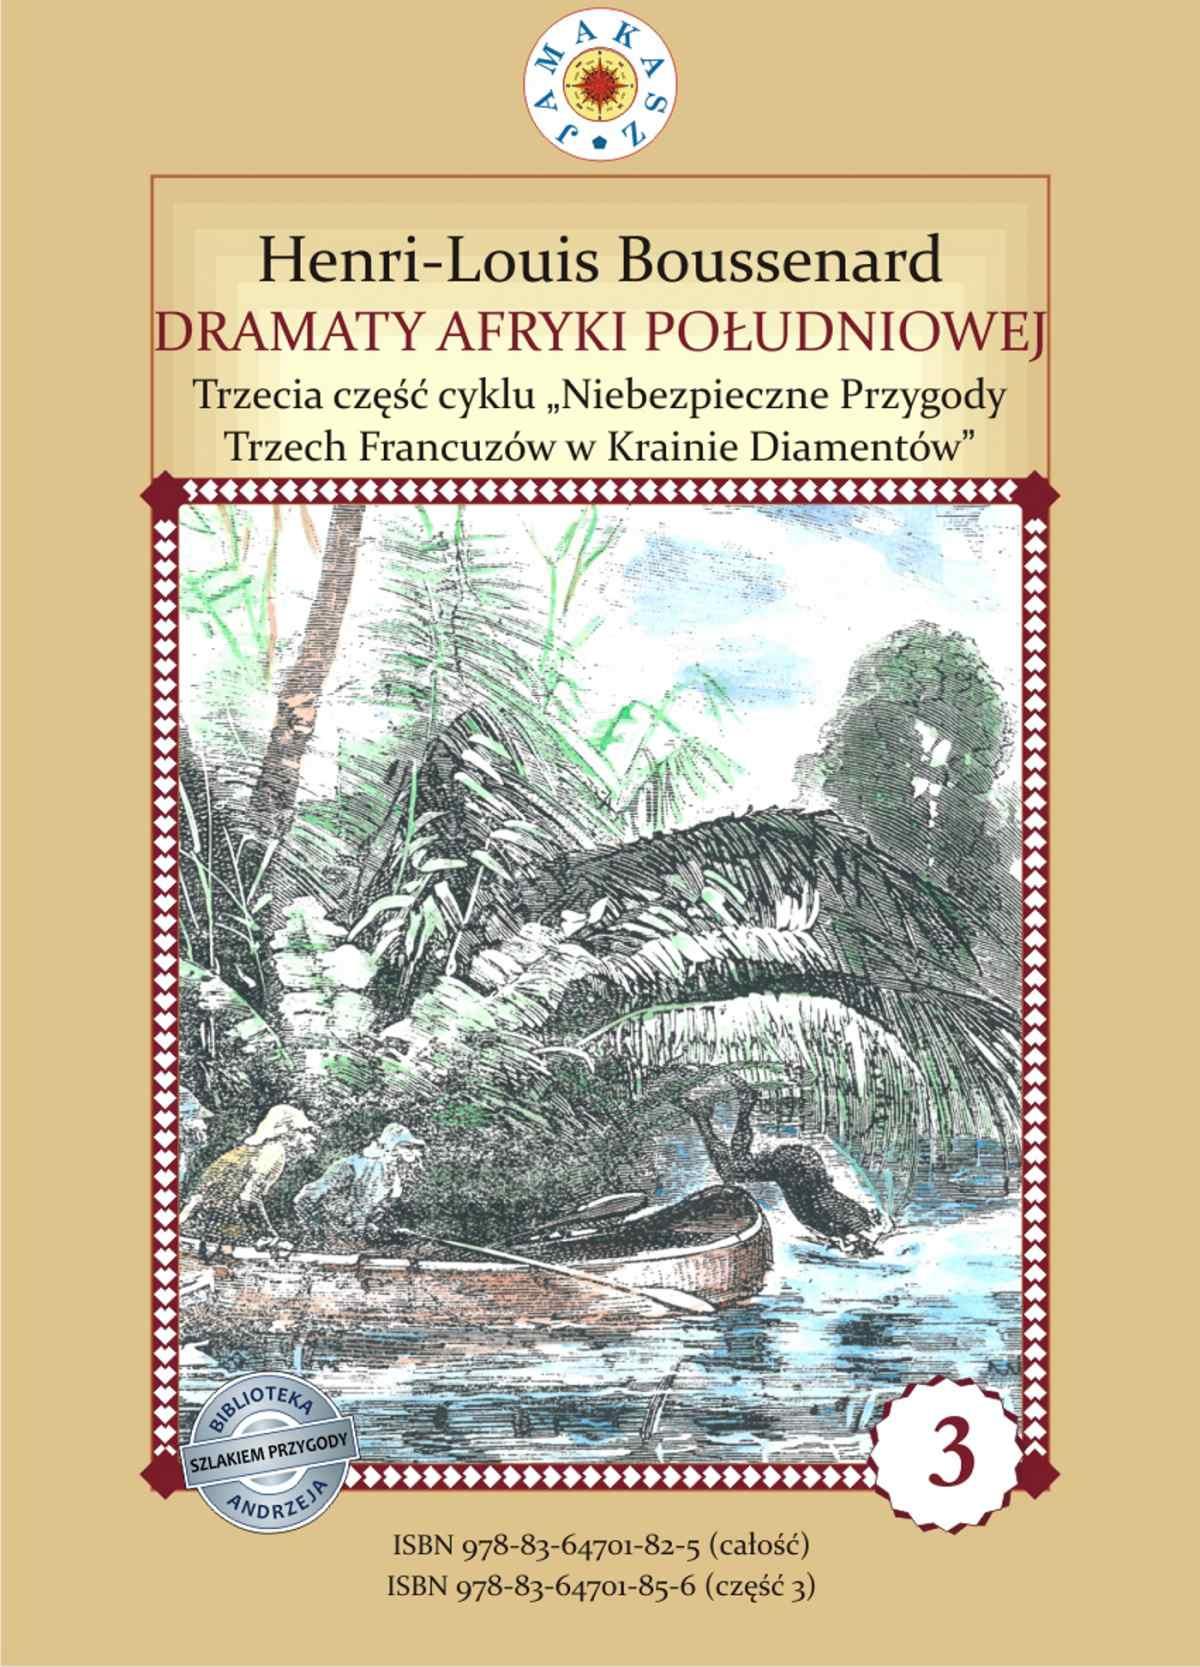 """Dramaty Afryki Południowej. III część cyklu """"Niebezpieczne Przygody Trzech Francuzów w Krainie Diamentów - Ebook (Książka PDF) do pobrania w formacie PDF"""